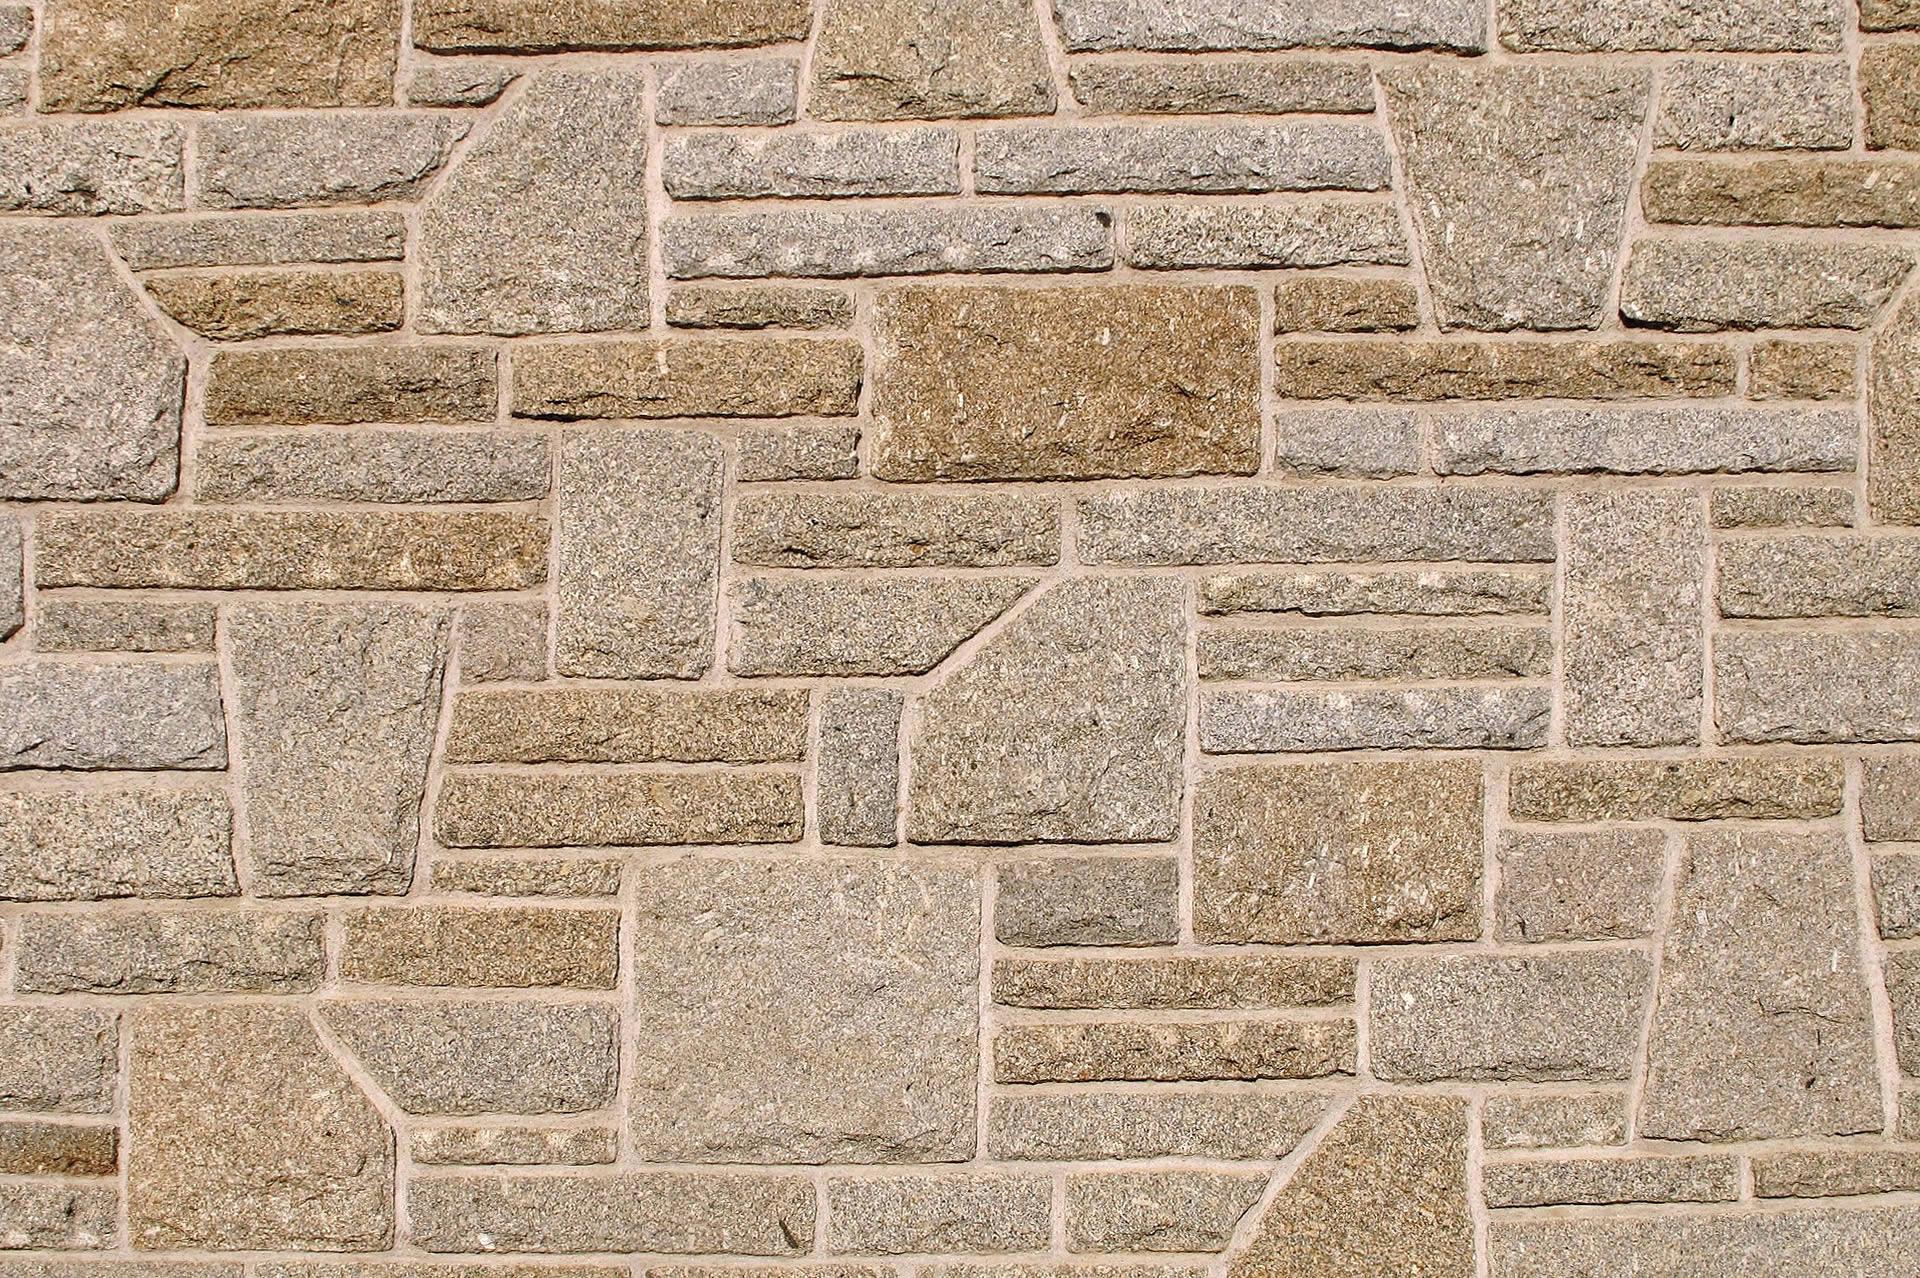 Construcci n de muros y fachadas de piedra arteroca - Piedra para muros exteriores ...